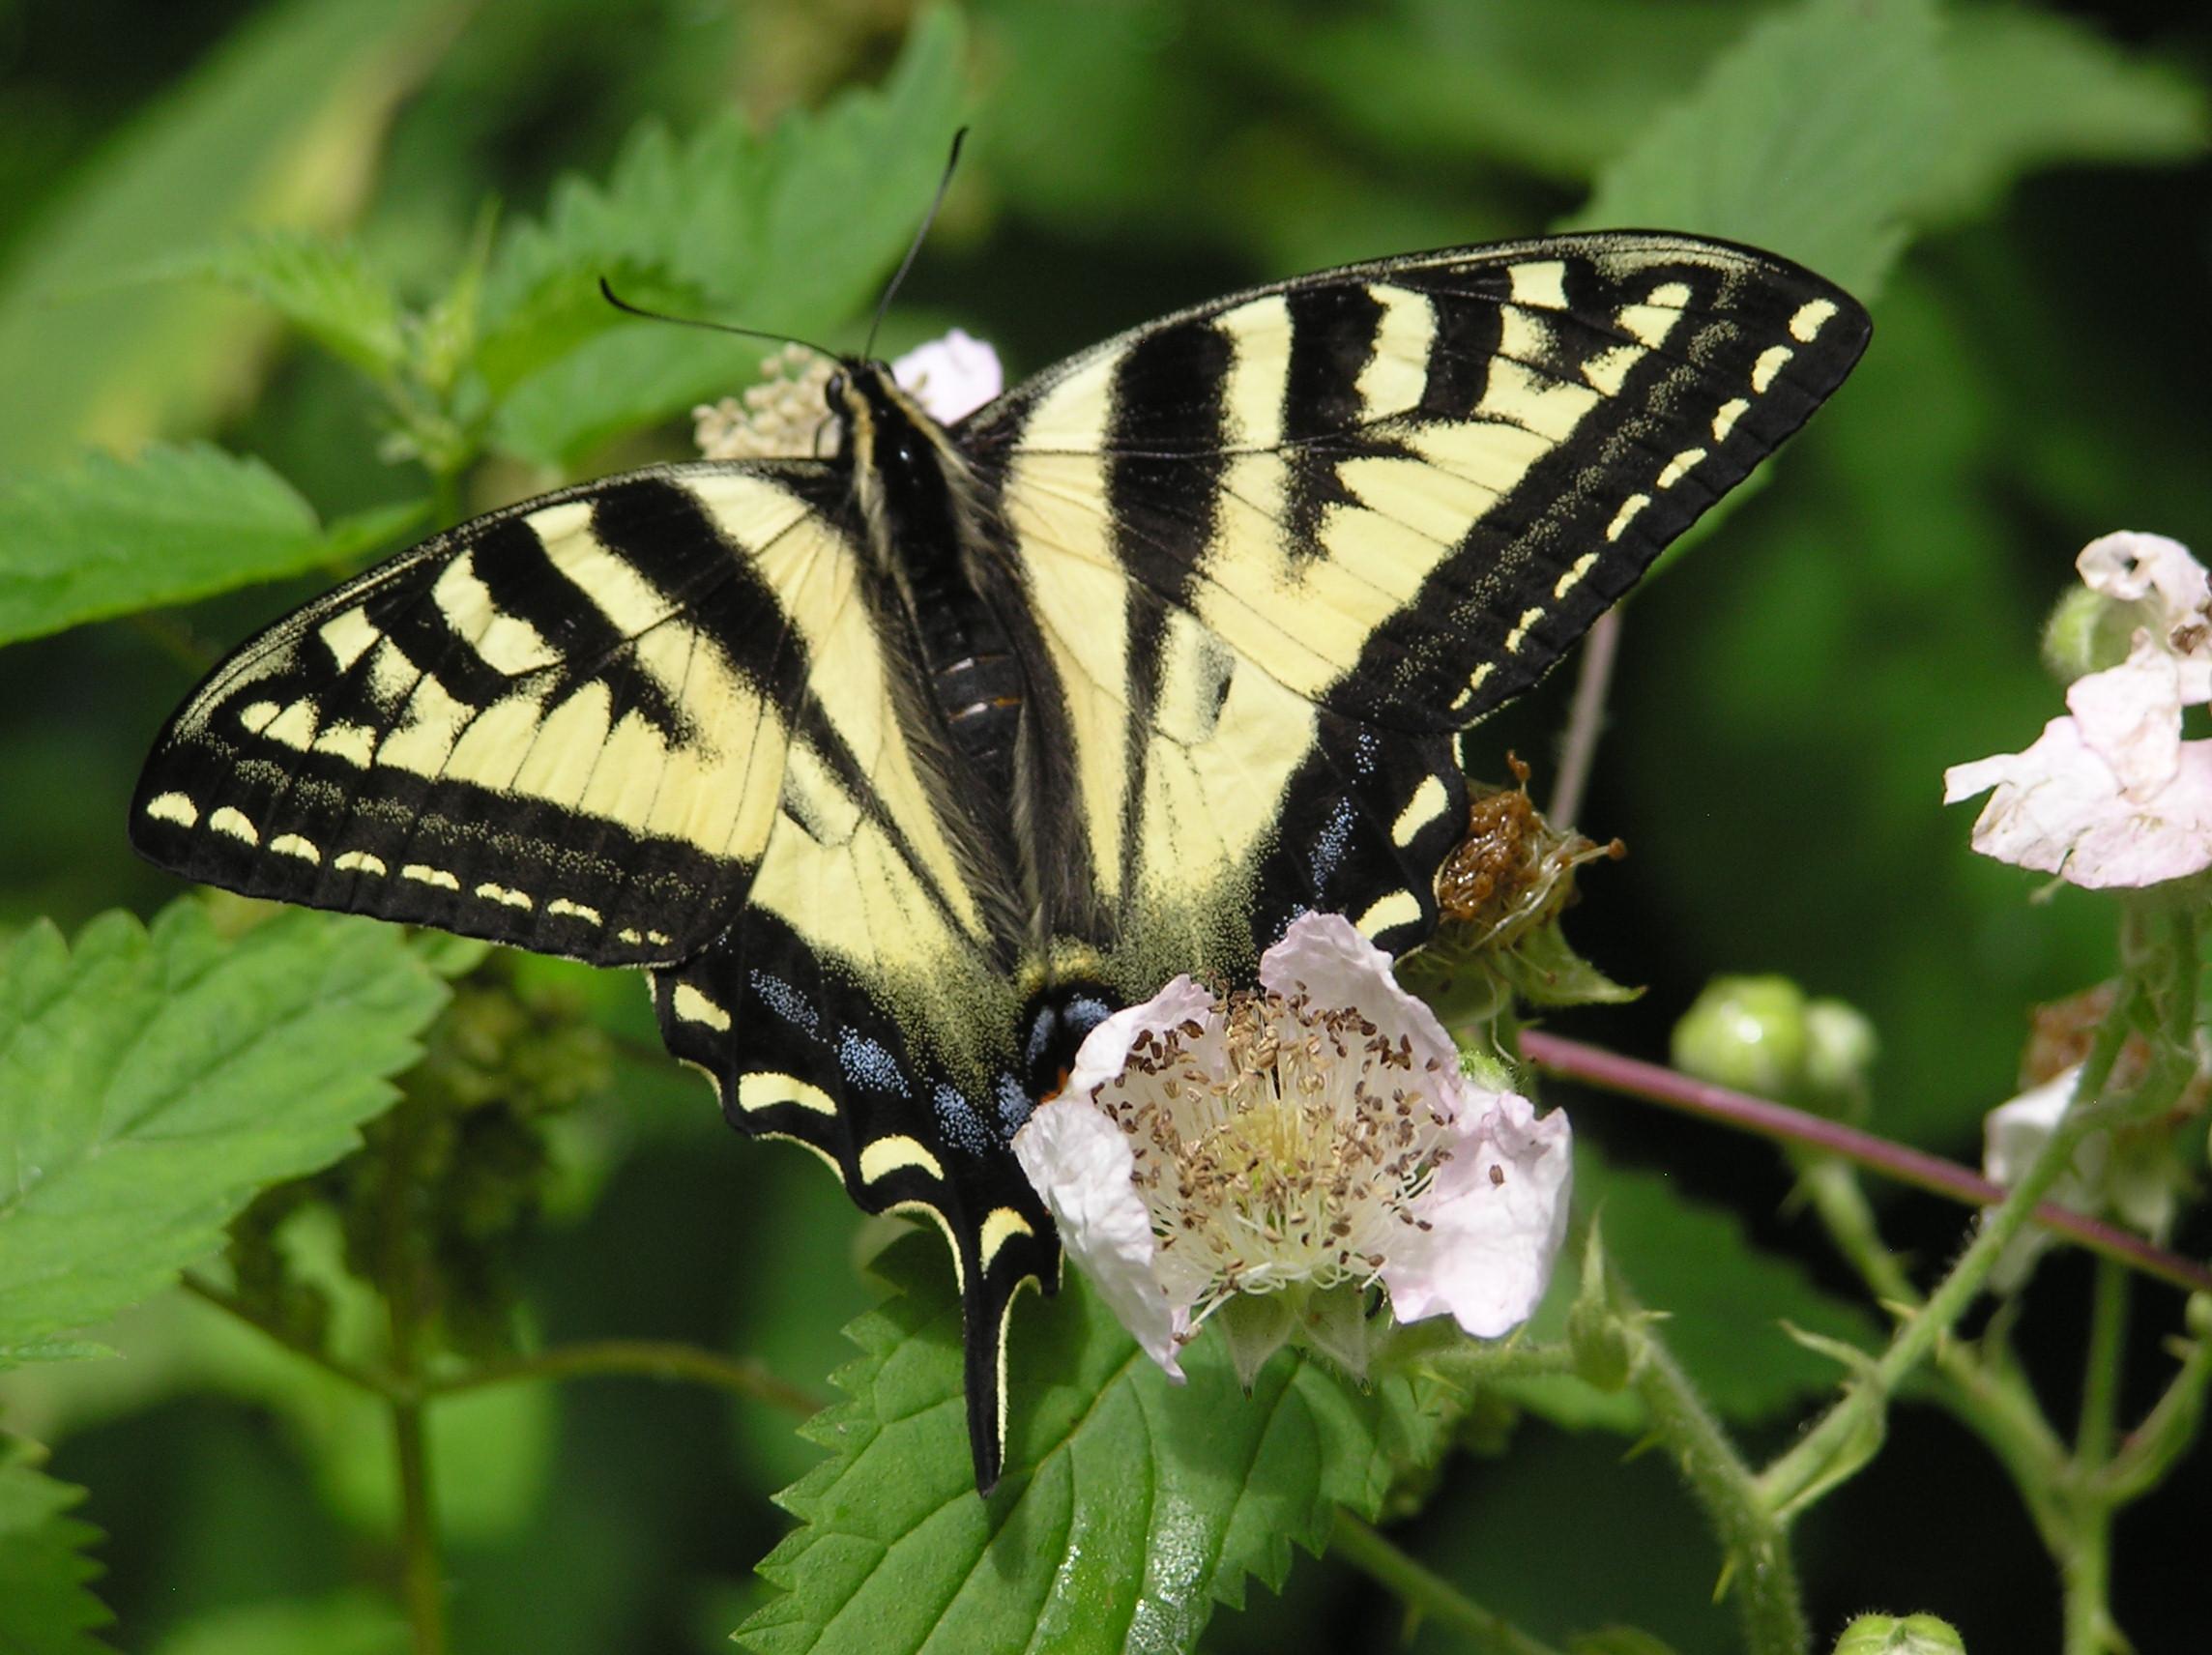 Beautiful Butterfly on blackberries